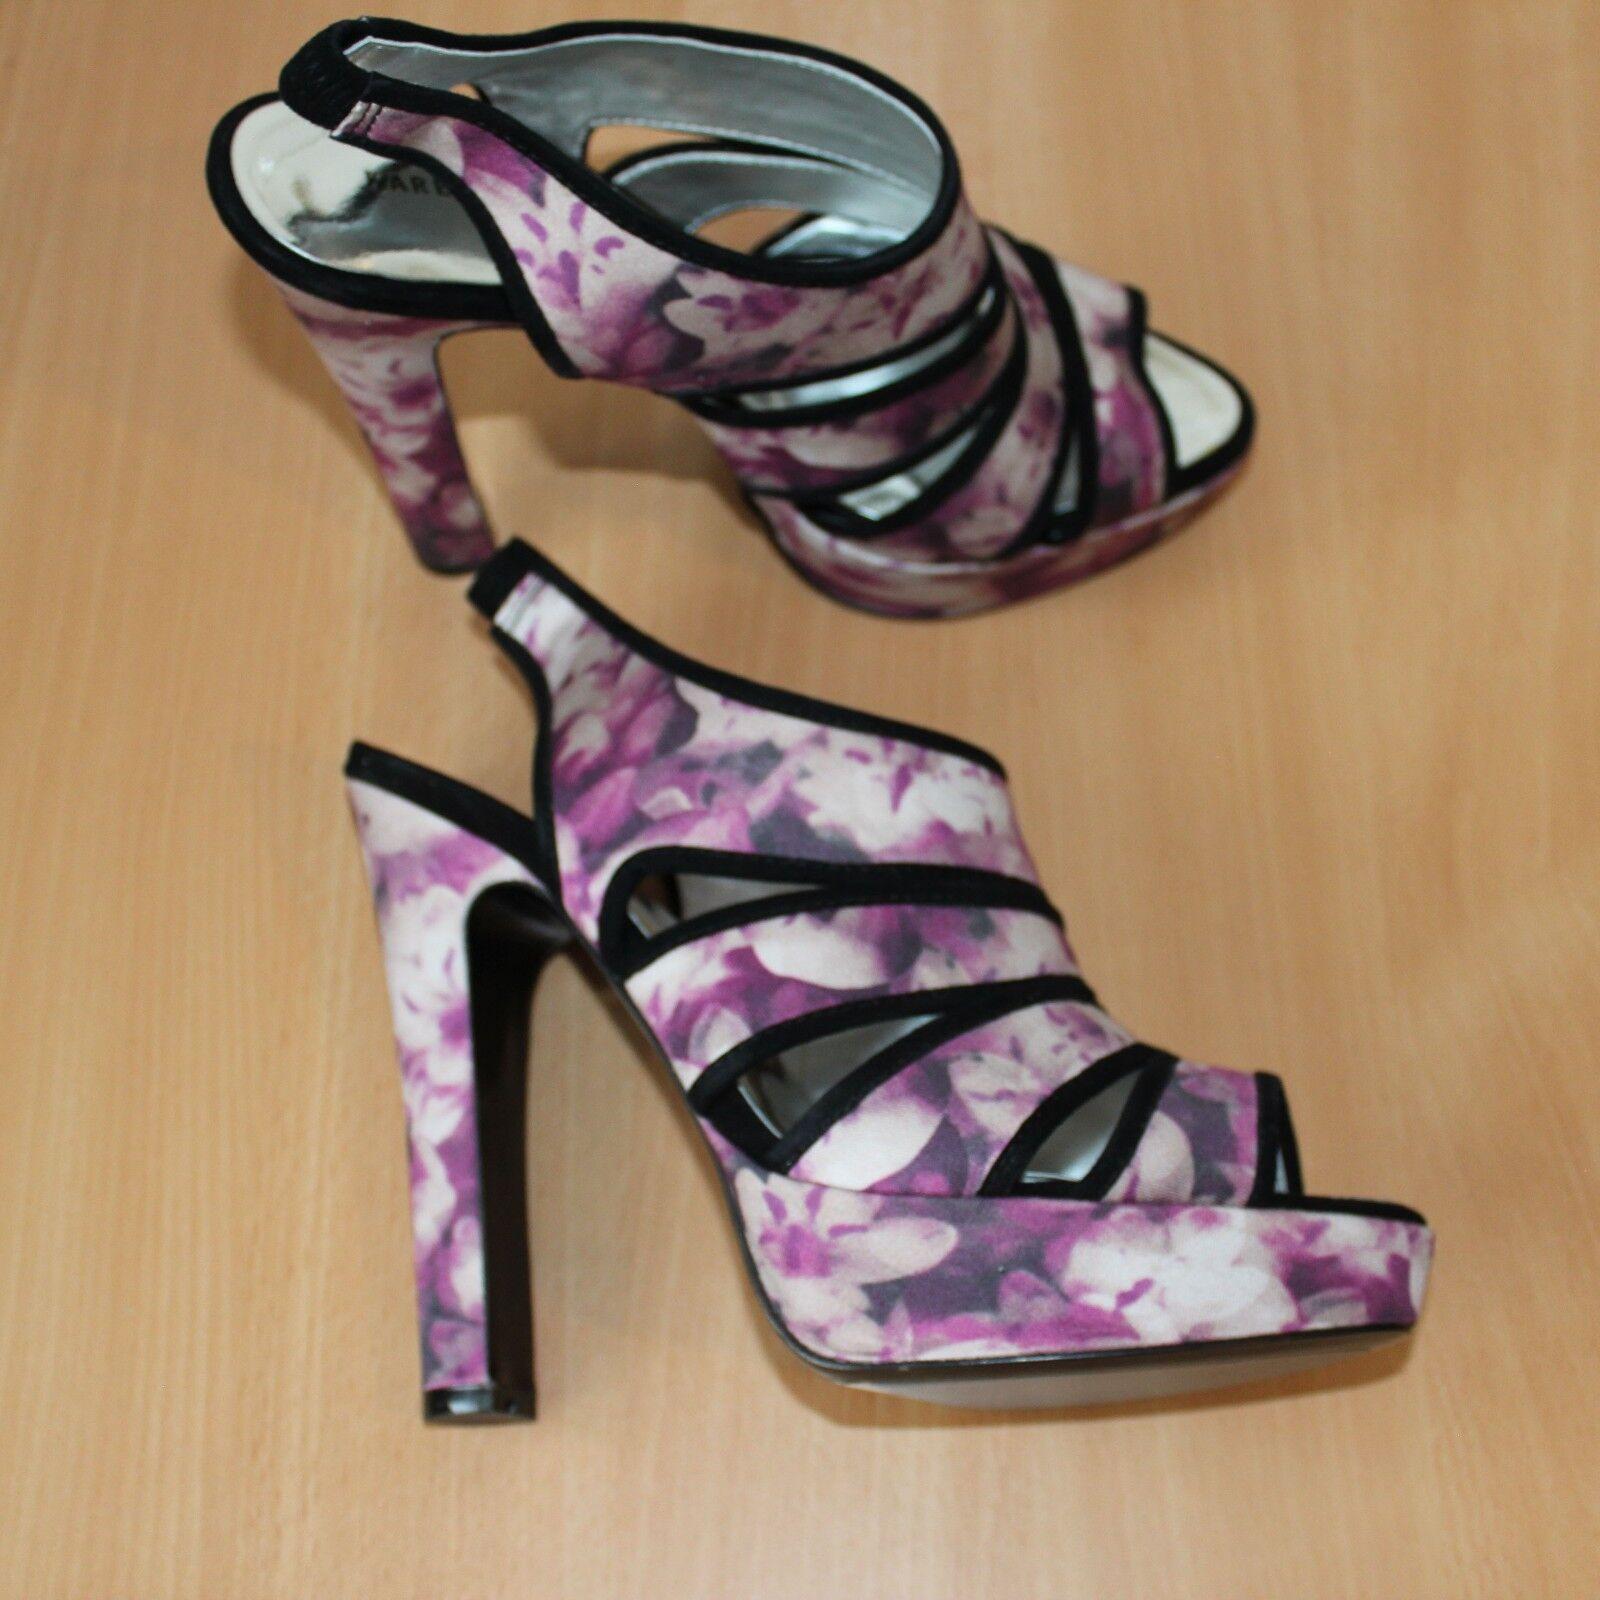 Karen Millen Imprimé Imprimé Imprimé Floral Chaussures Compensées Sandales Talons Hauts Fête Soirée 6 UK 39 UE 01ea33